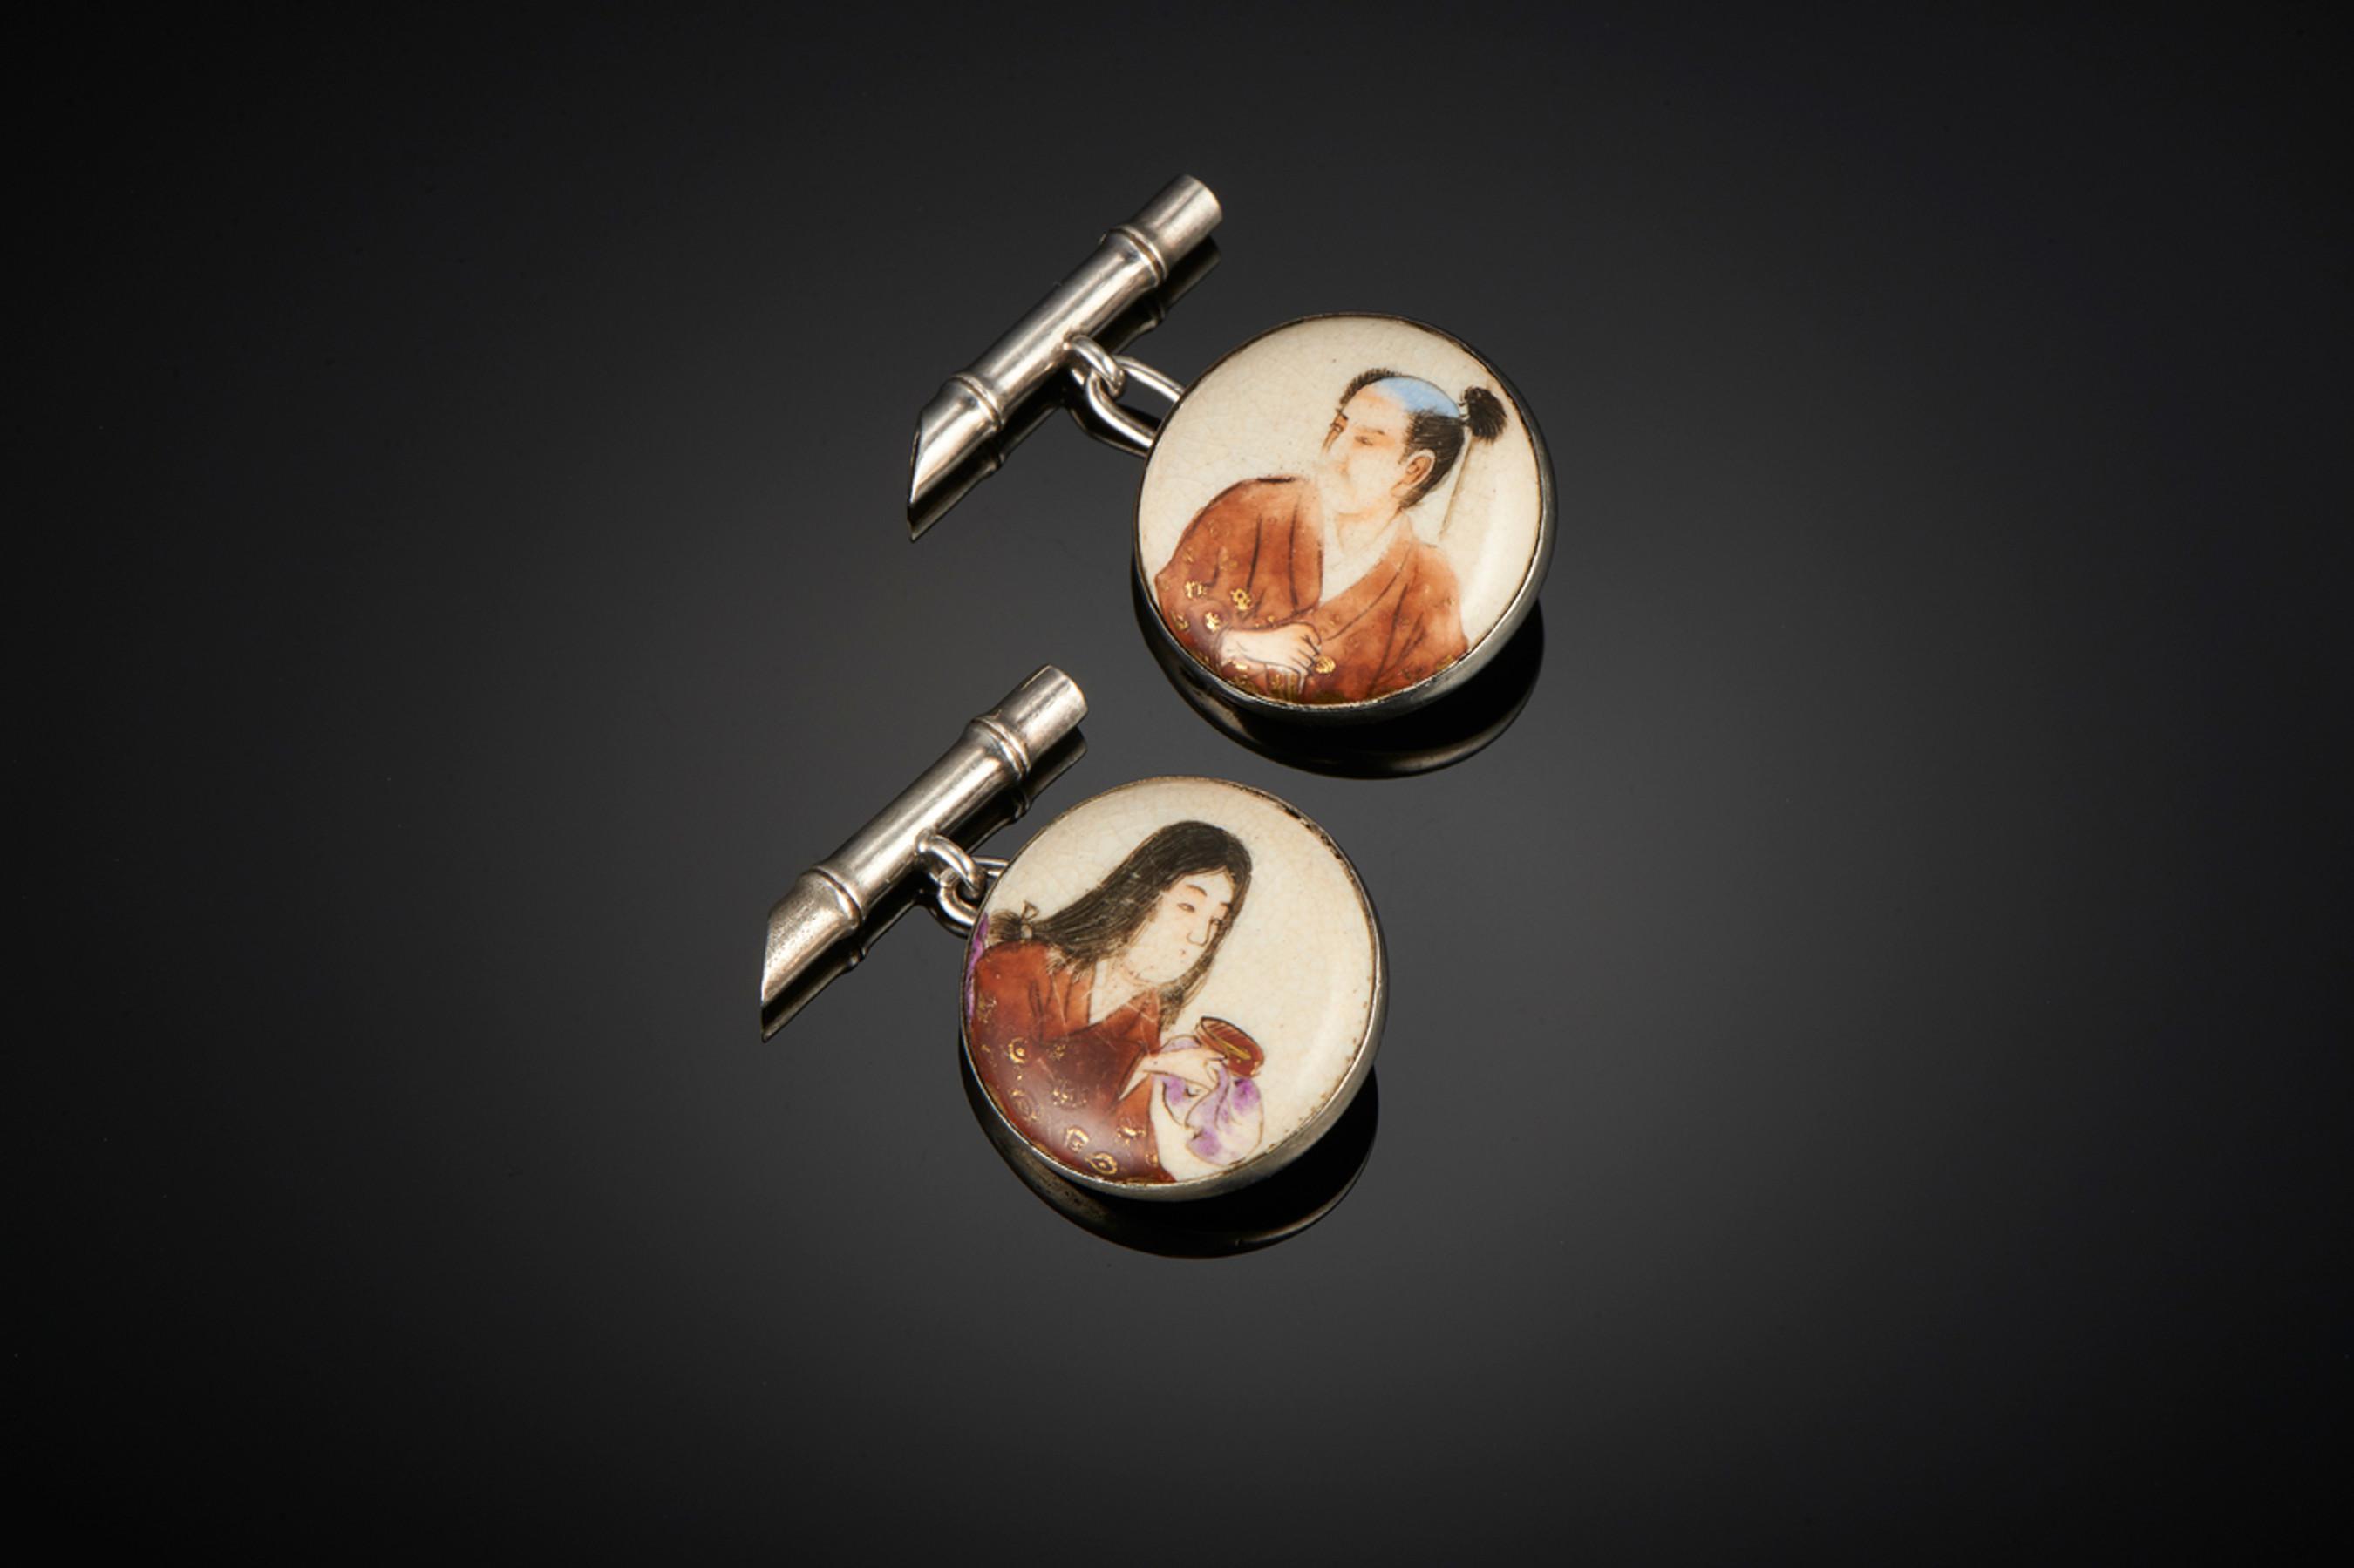 Exquisite Pair of Satsuma Cuffflinks - Front Image